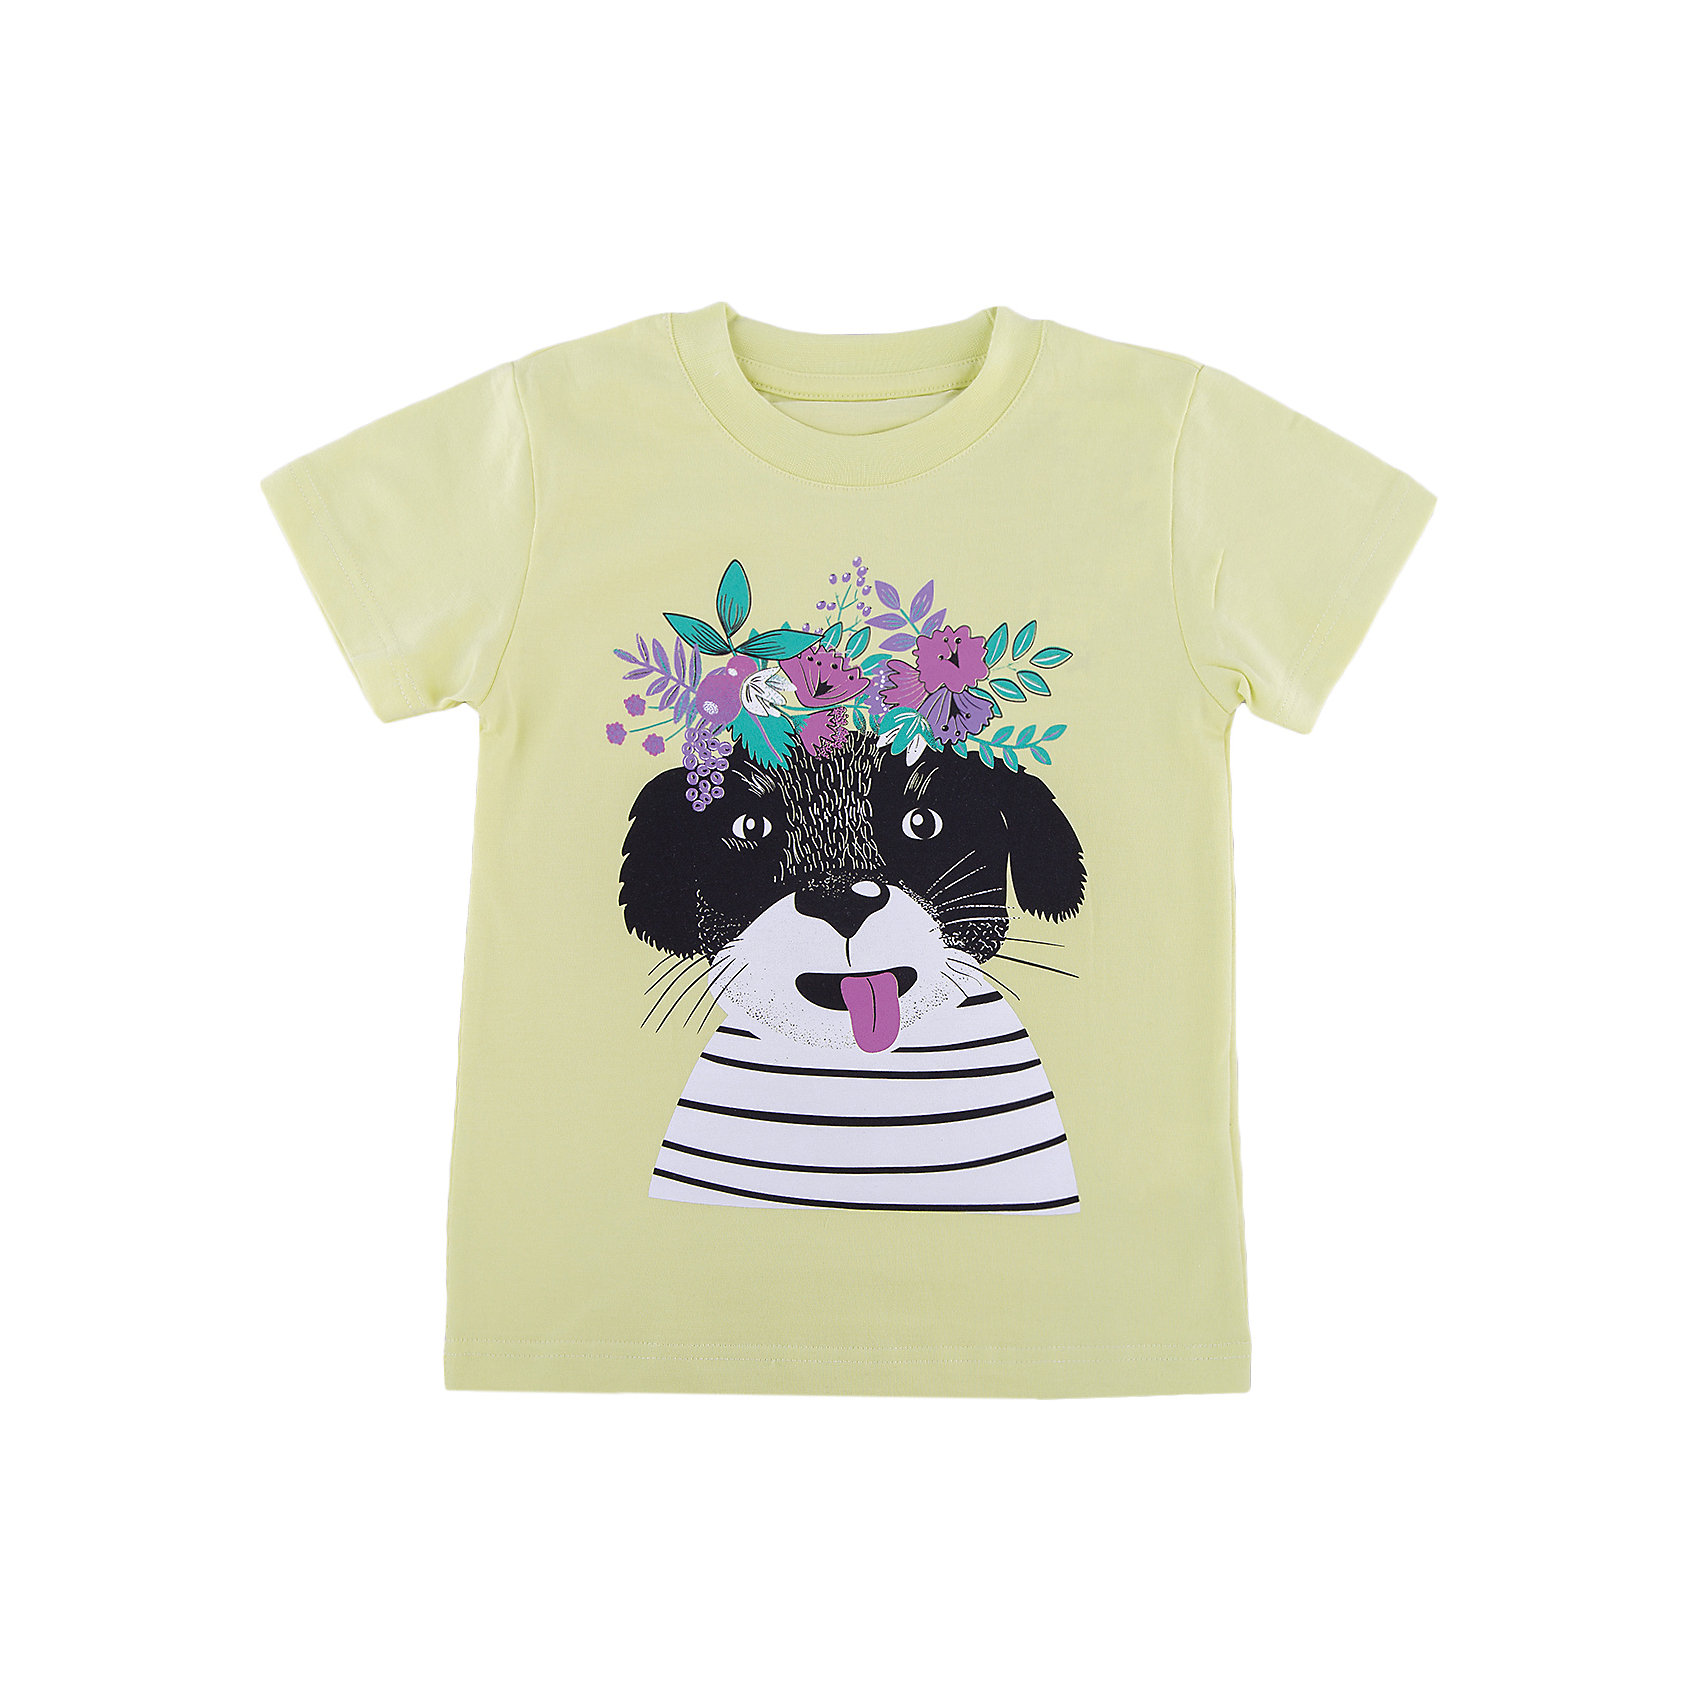 Футболка для девочки WOWФутболки, поло и топы<br>Футболка для девочки WOW<br>Незаменимой вещью в  гардеробе послужит футболка с коротким рукавом. Стильная и в тоже время комфортная модель, с яркой оригинальной печатью, будет превосходно смотреться на ребенке.<br>Состав:<br>кулирная гладь 100% хлопок<br><br>Ширина мм: 199<br>Глубина мм: 10<br>Высота мм: 161<br>Вес г: 151<br>Цвет: зеленый<br>Возраст от месяцев: 72<br>Возраст до месяцев: 84<br>Пол: Женский<br>Возраст: Детский<br>Размер: 122,98,104,110,116<br>SKU: 6871557